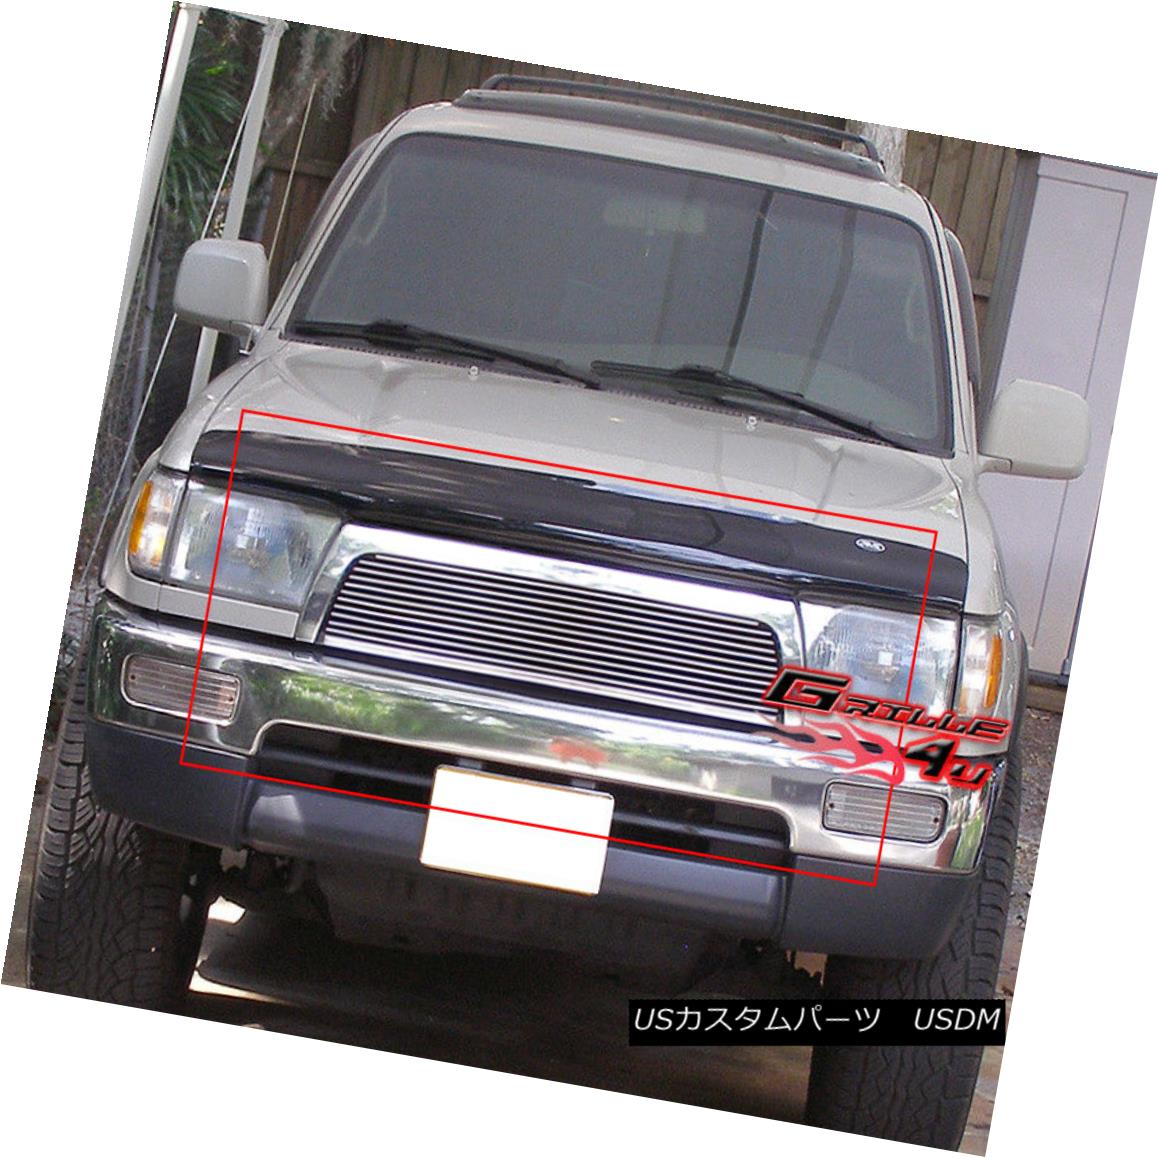 グリル Fits 1996-1998 Toyota 4Runner 4 Runner Billet Grille Insert フィックス1996-1998トヨタ4ランナー4ランナービレットグリルインサート